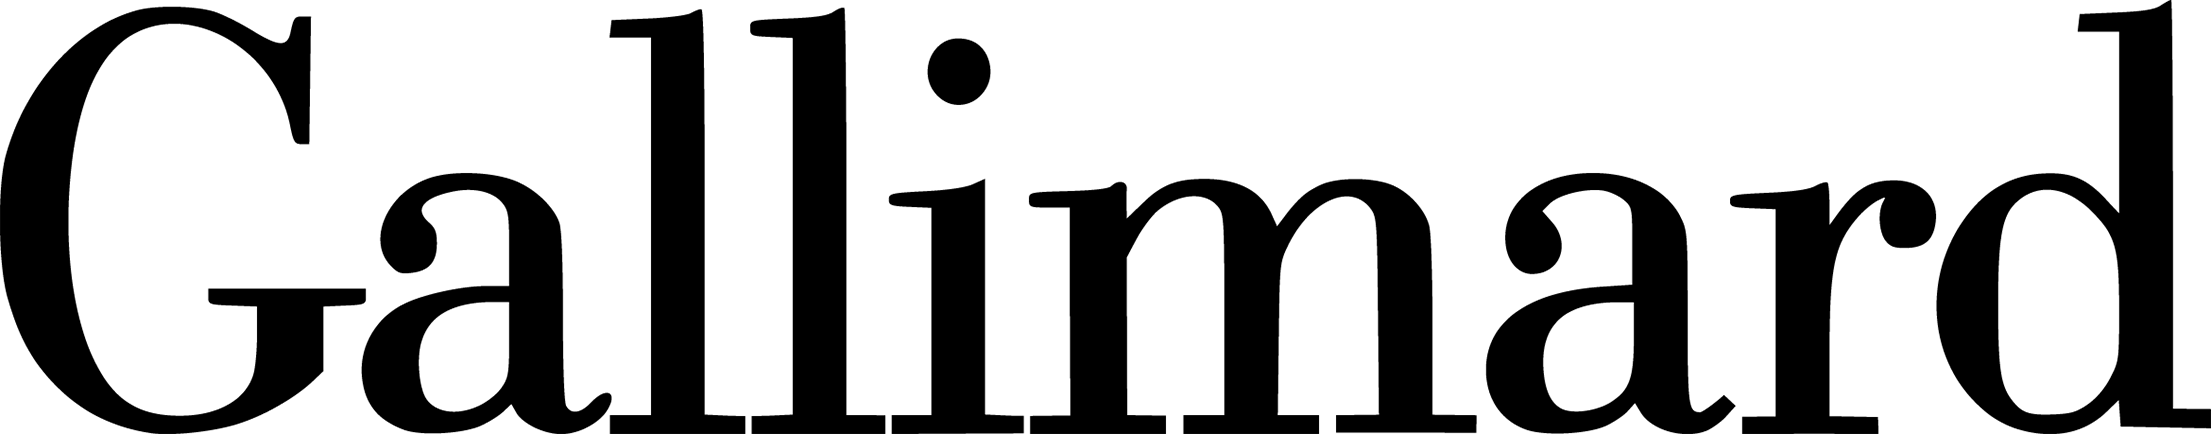 Gallimard_logo